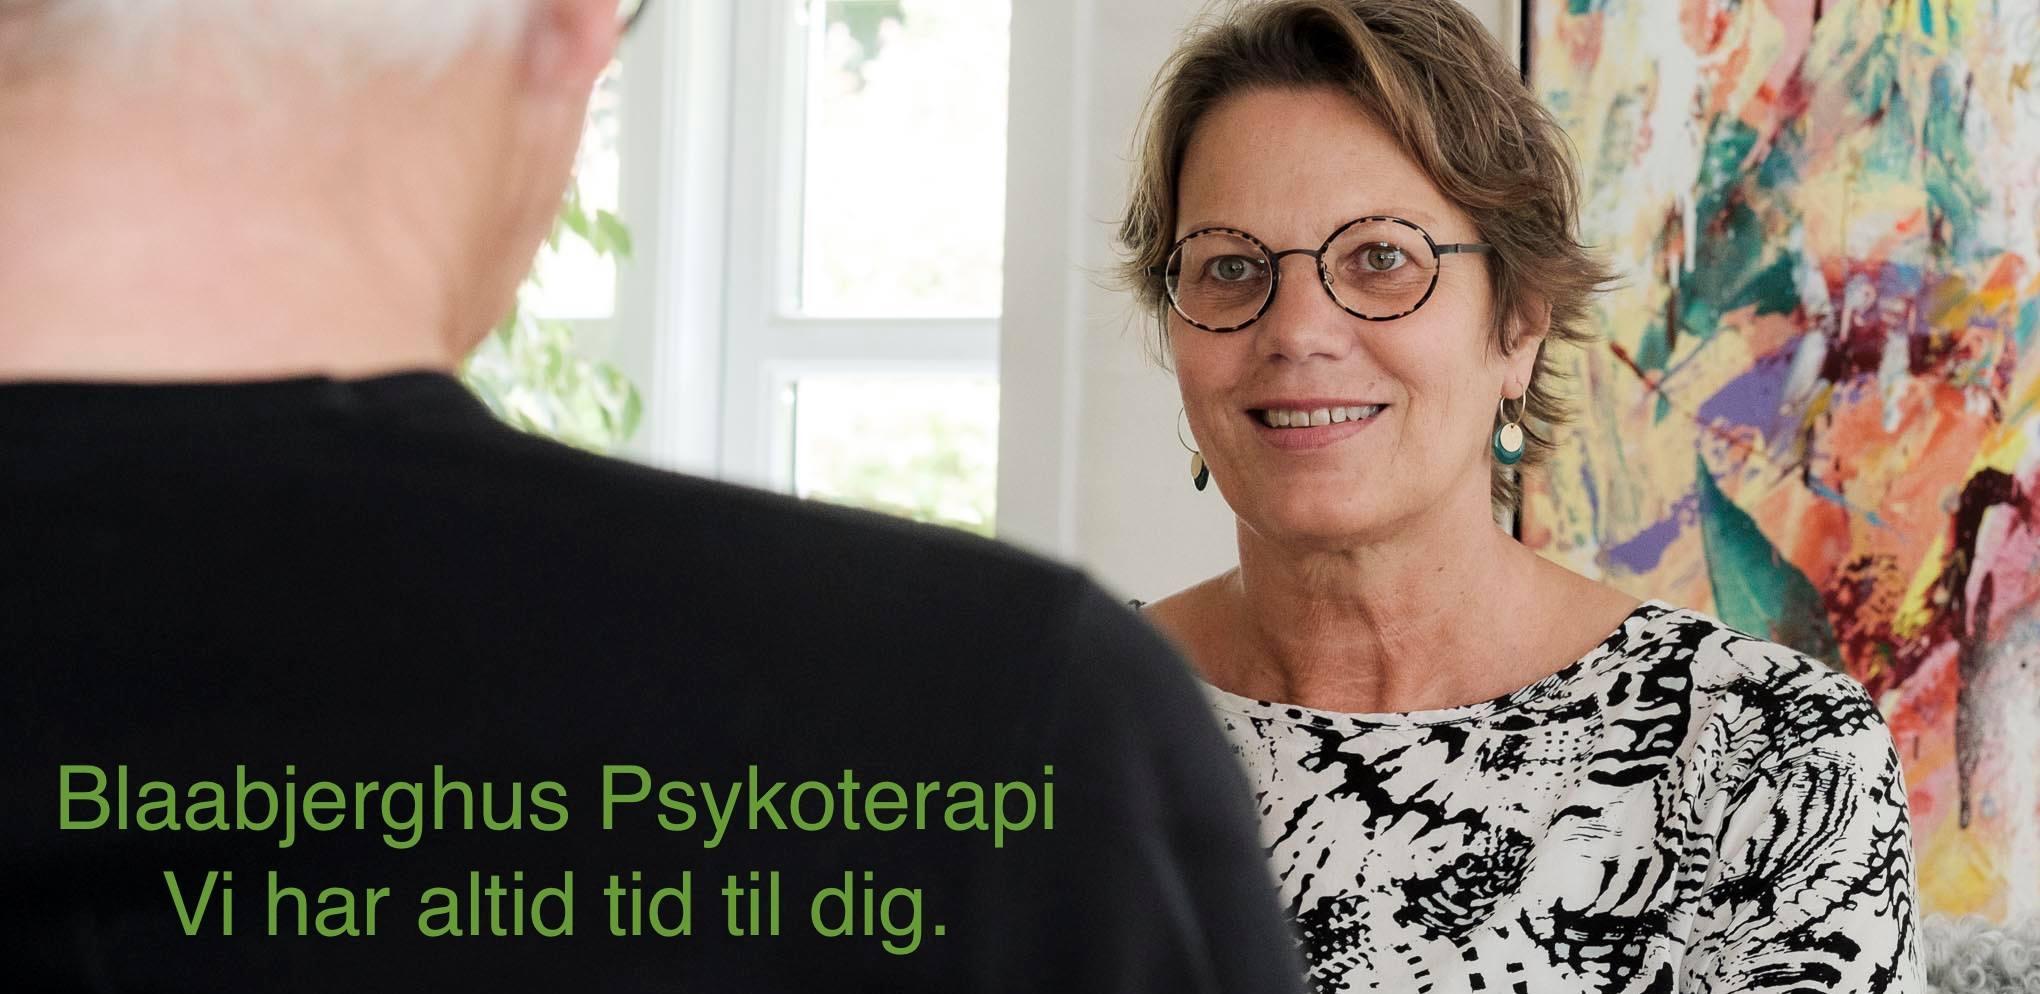 Akut krisehjælp, Psykoterapi, supervision, stress, angst, depression, traumer, kriser, Varde, Esbjerg, yoga, Blaabjerghus